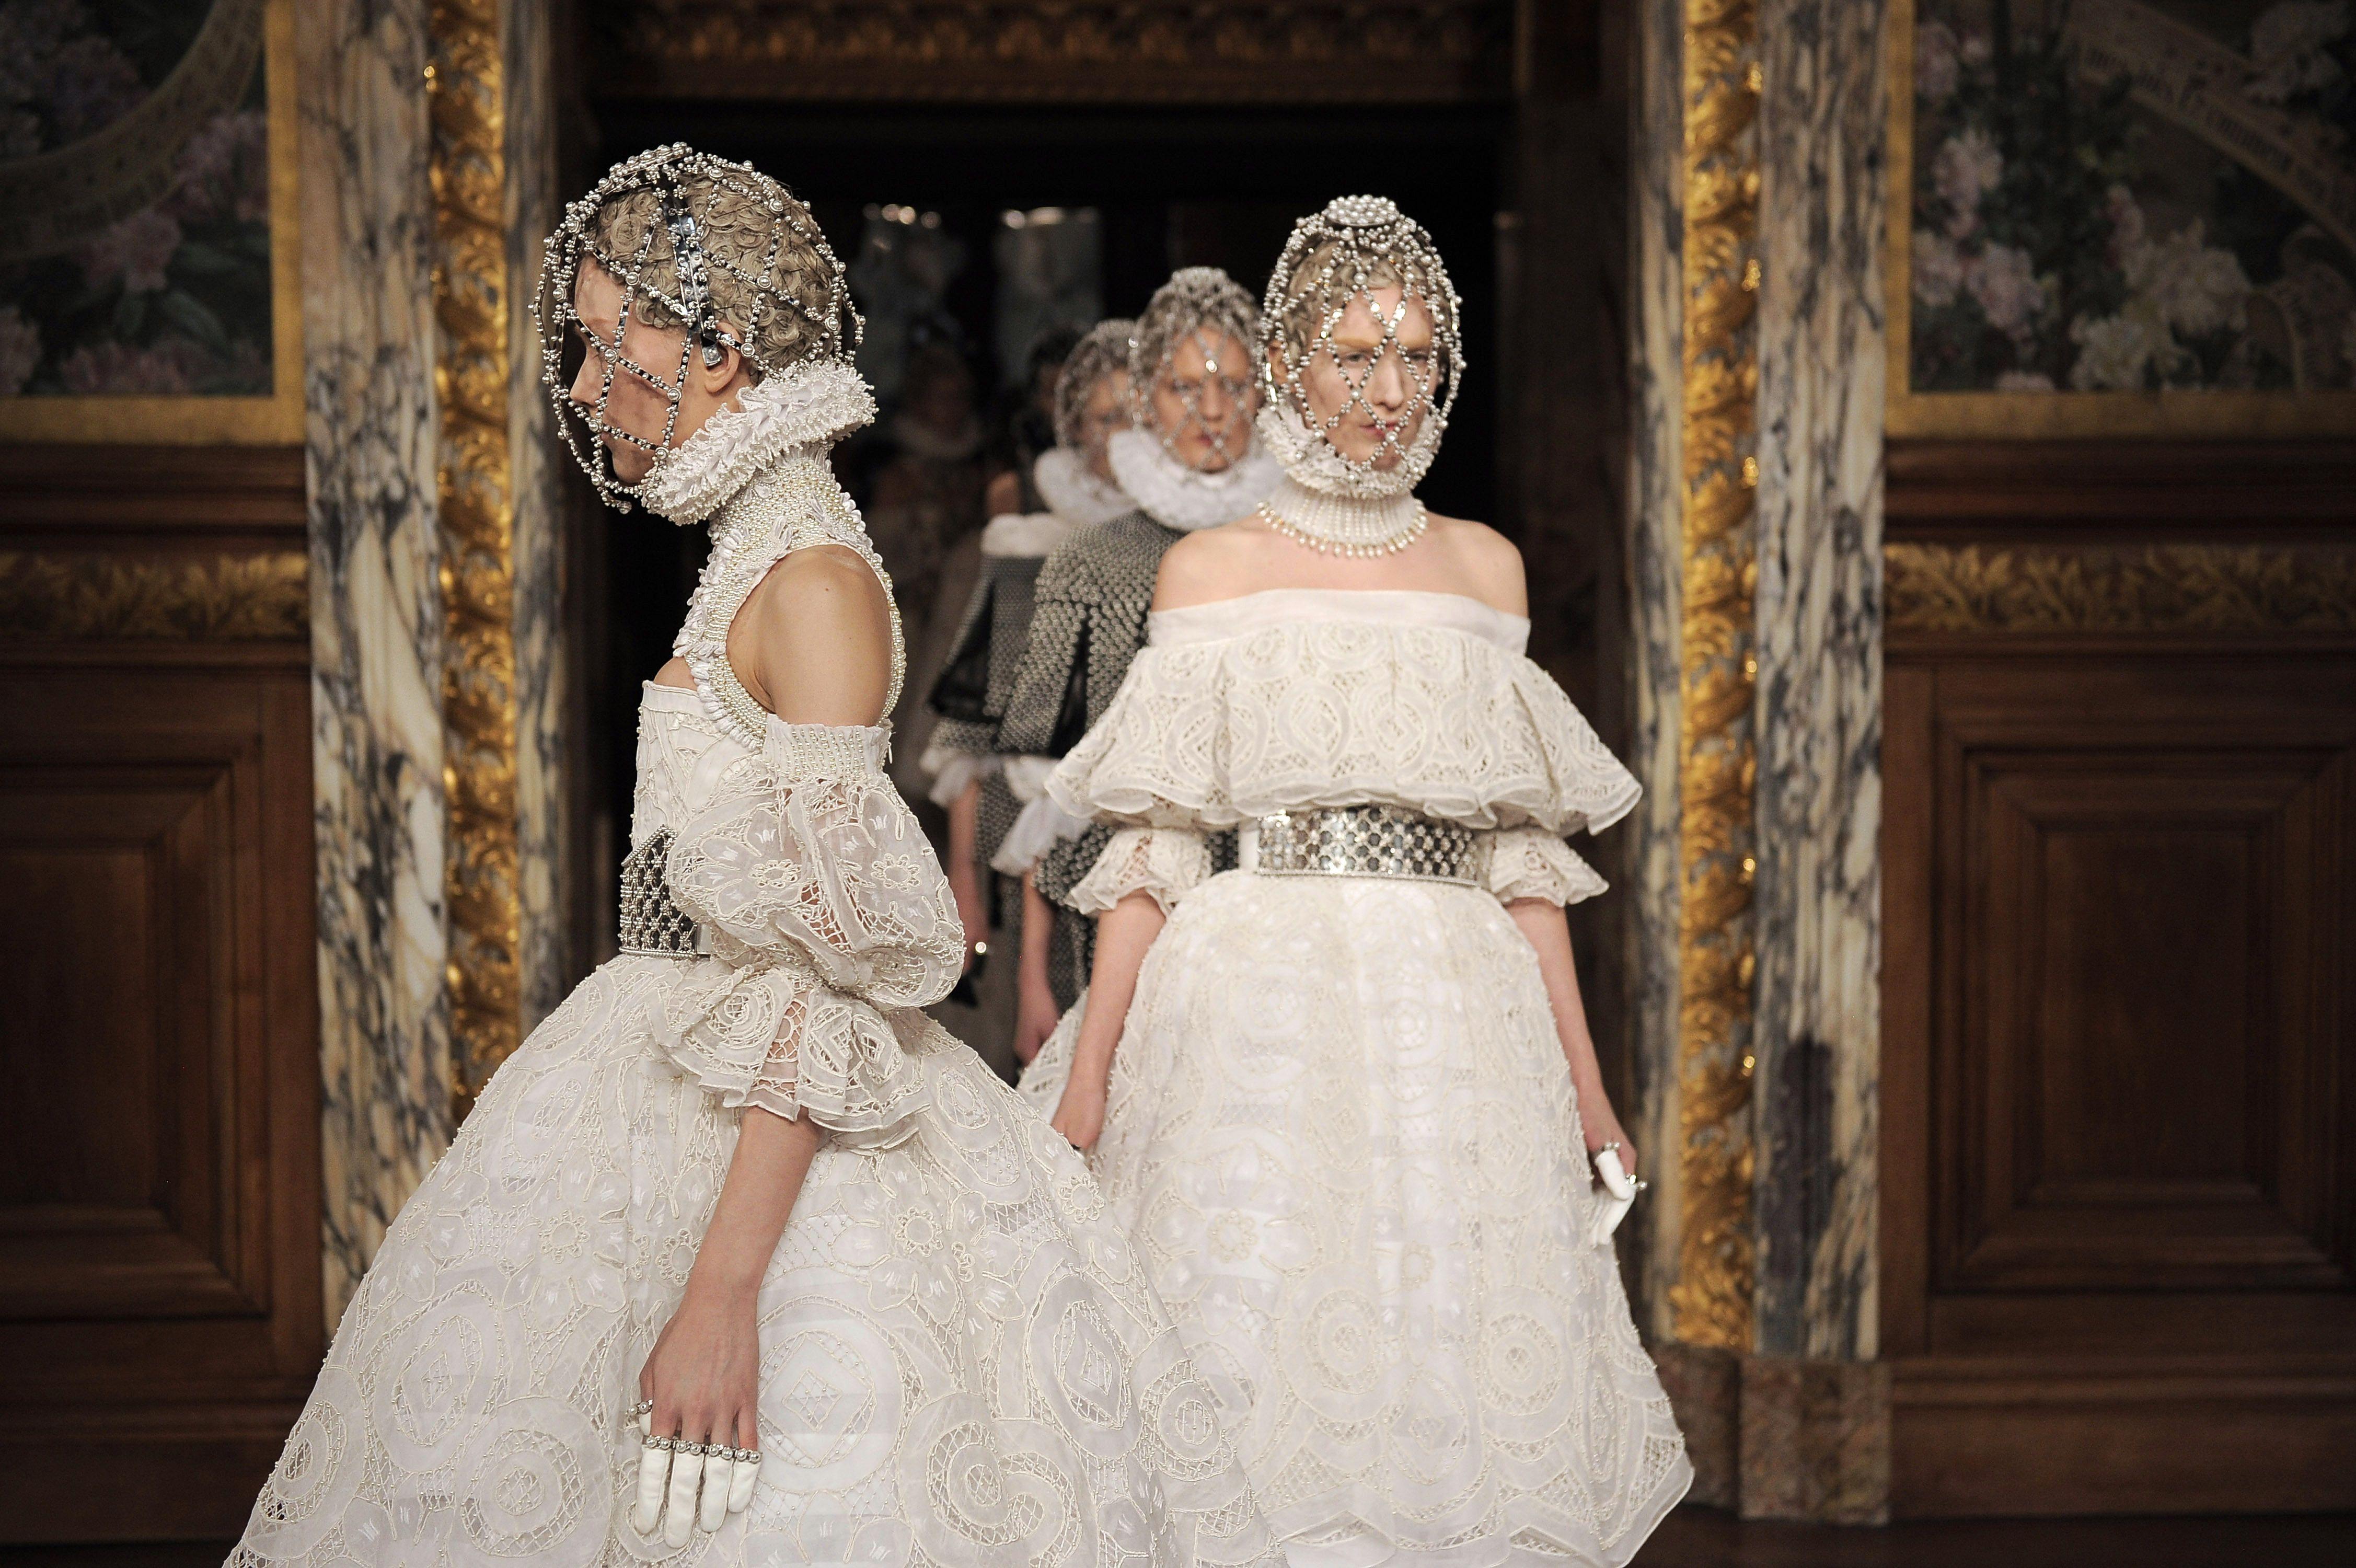 How The Elizabethan Era Has Inspired Fashion Queen Elizabeth I